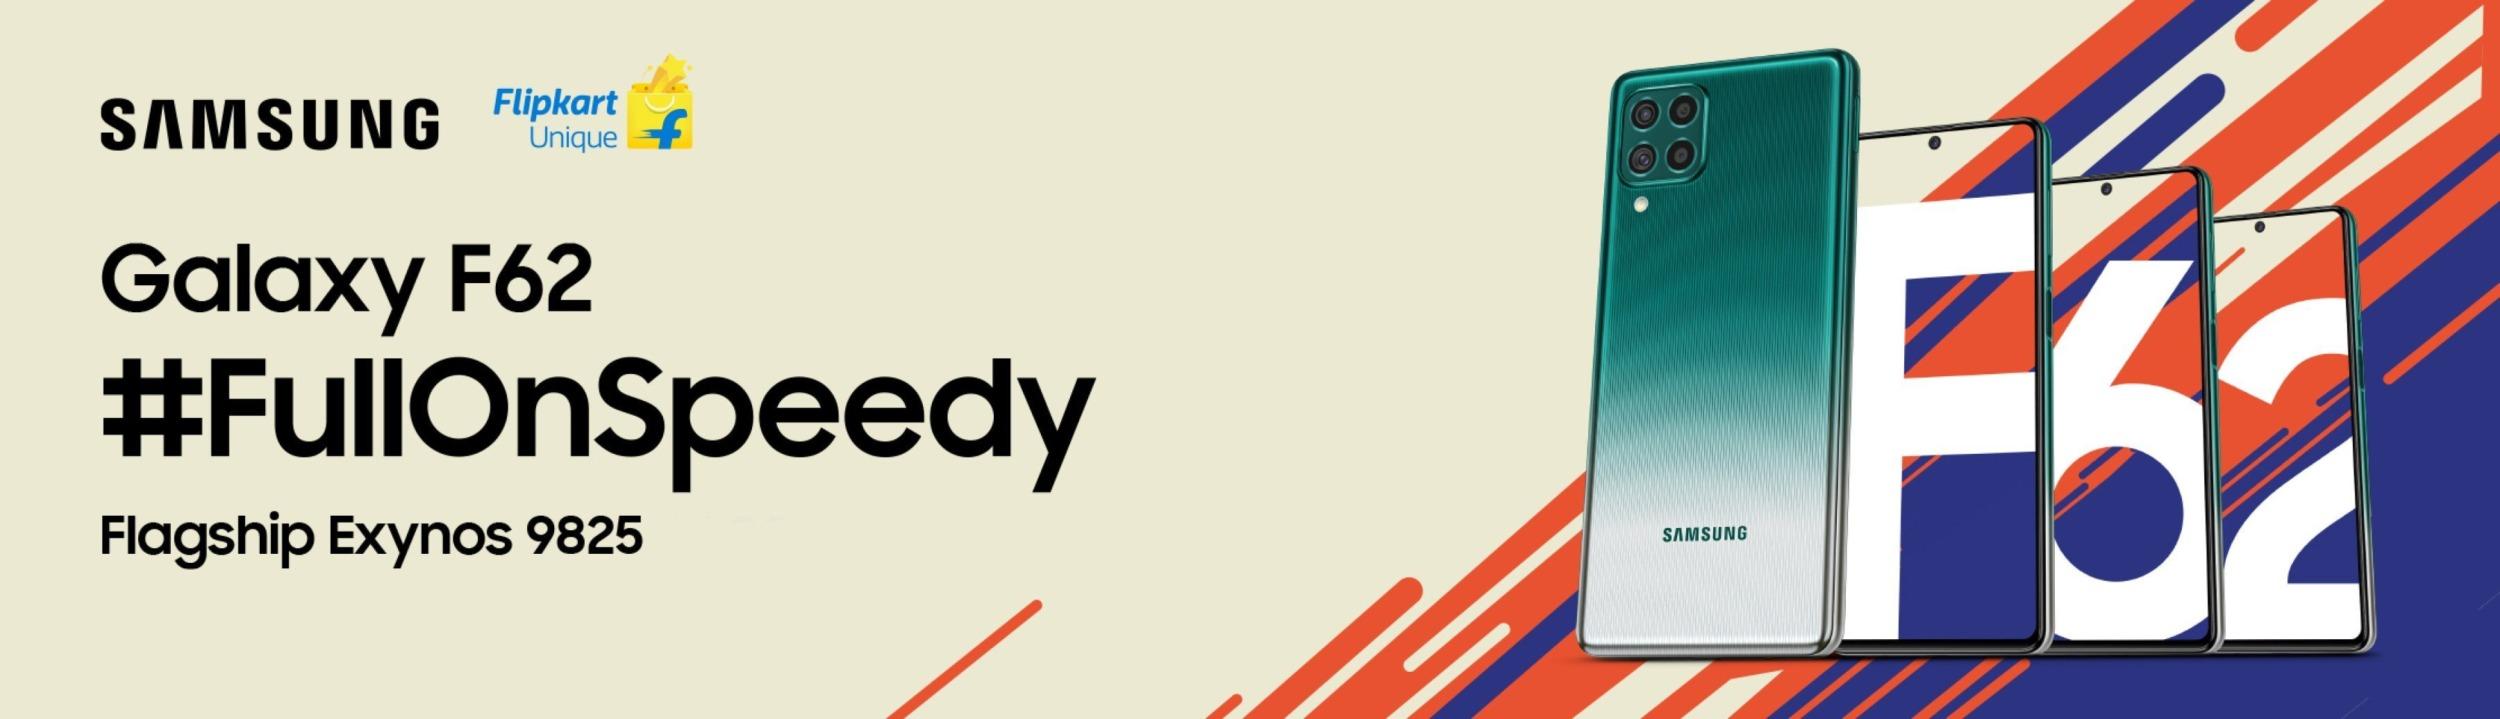 Samsung Galaxy F62 3600x1036x